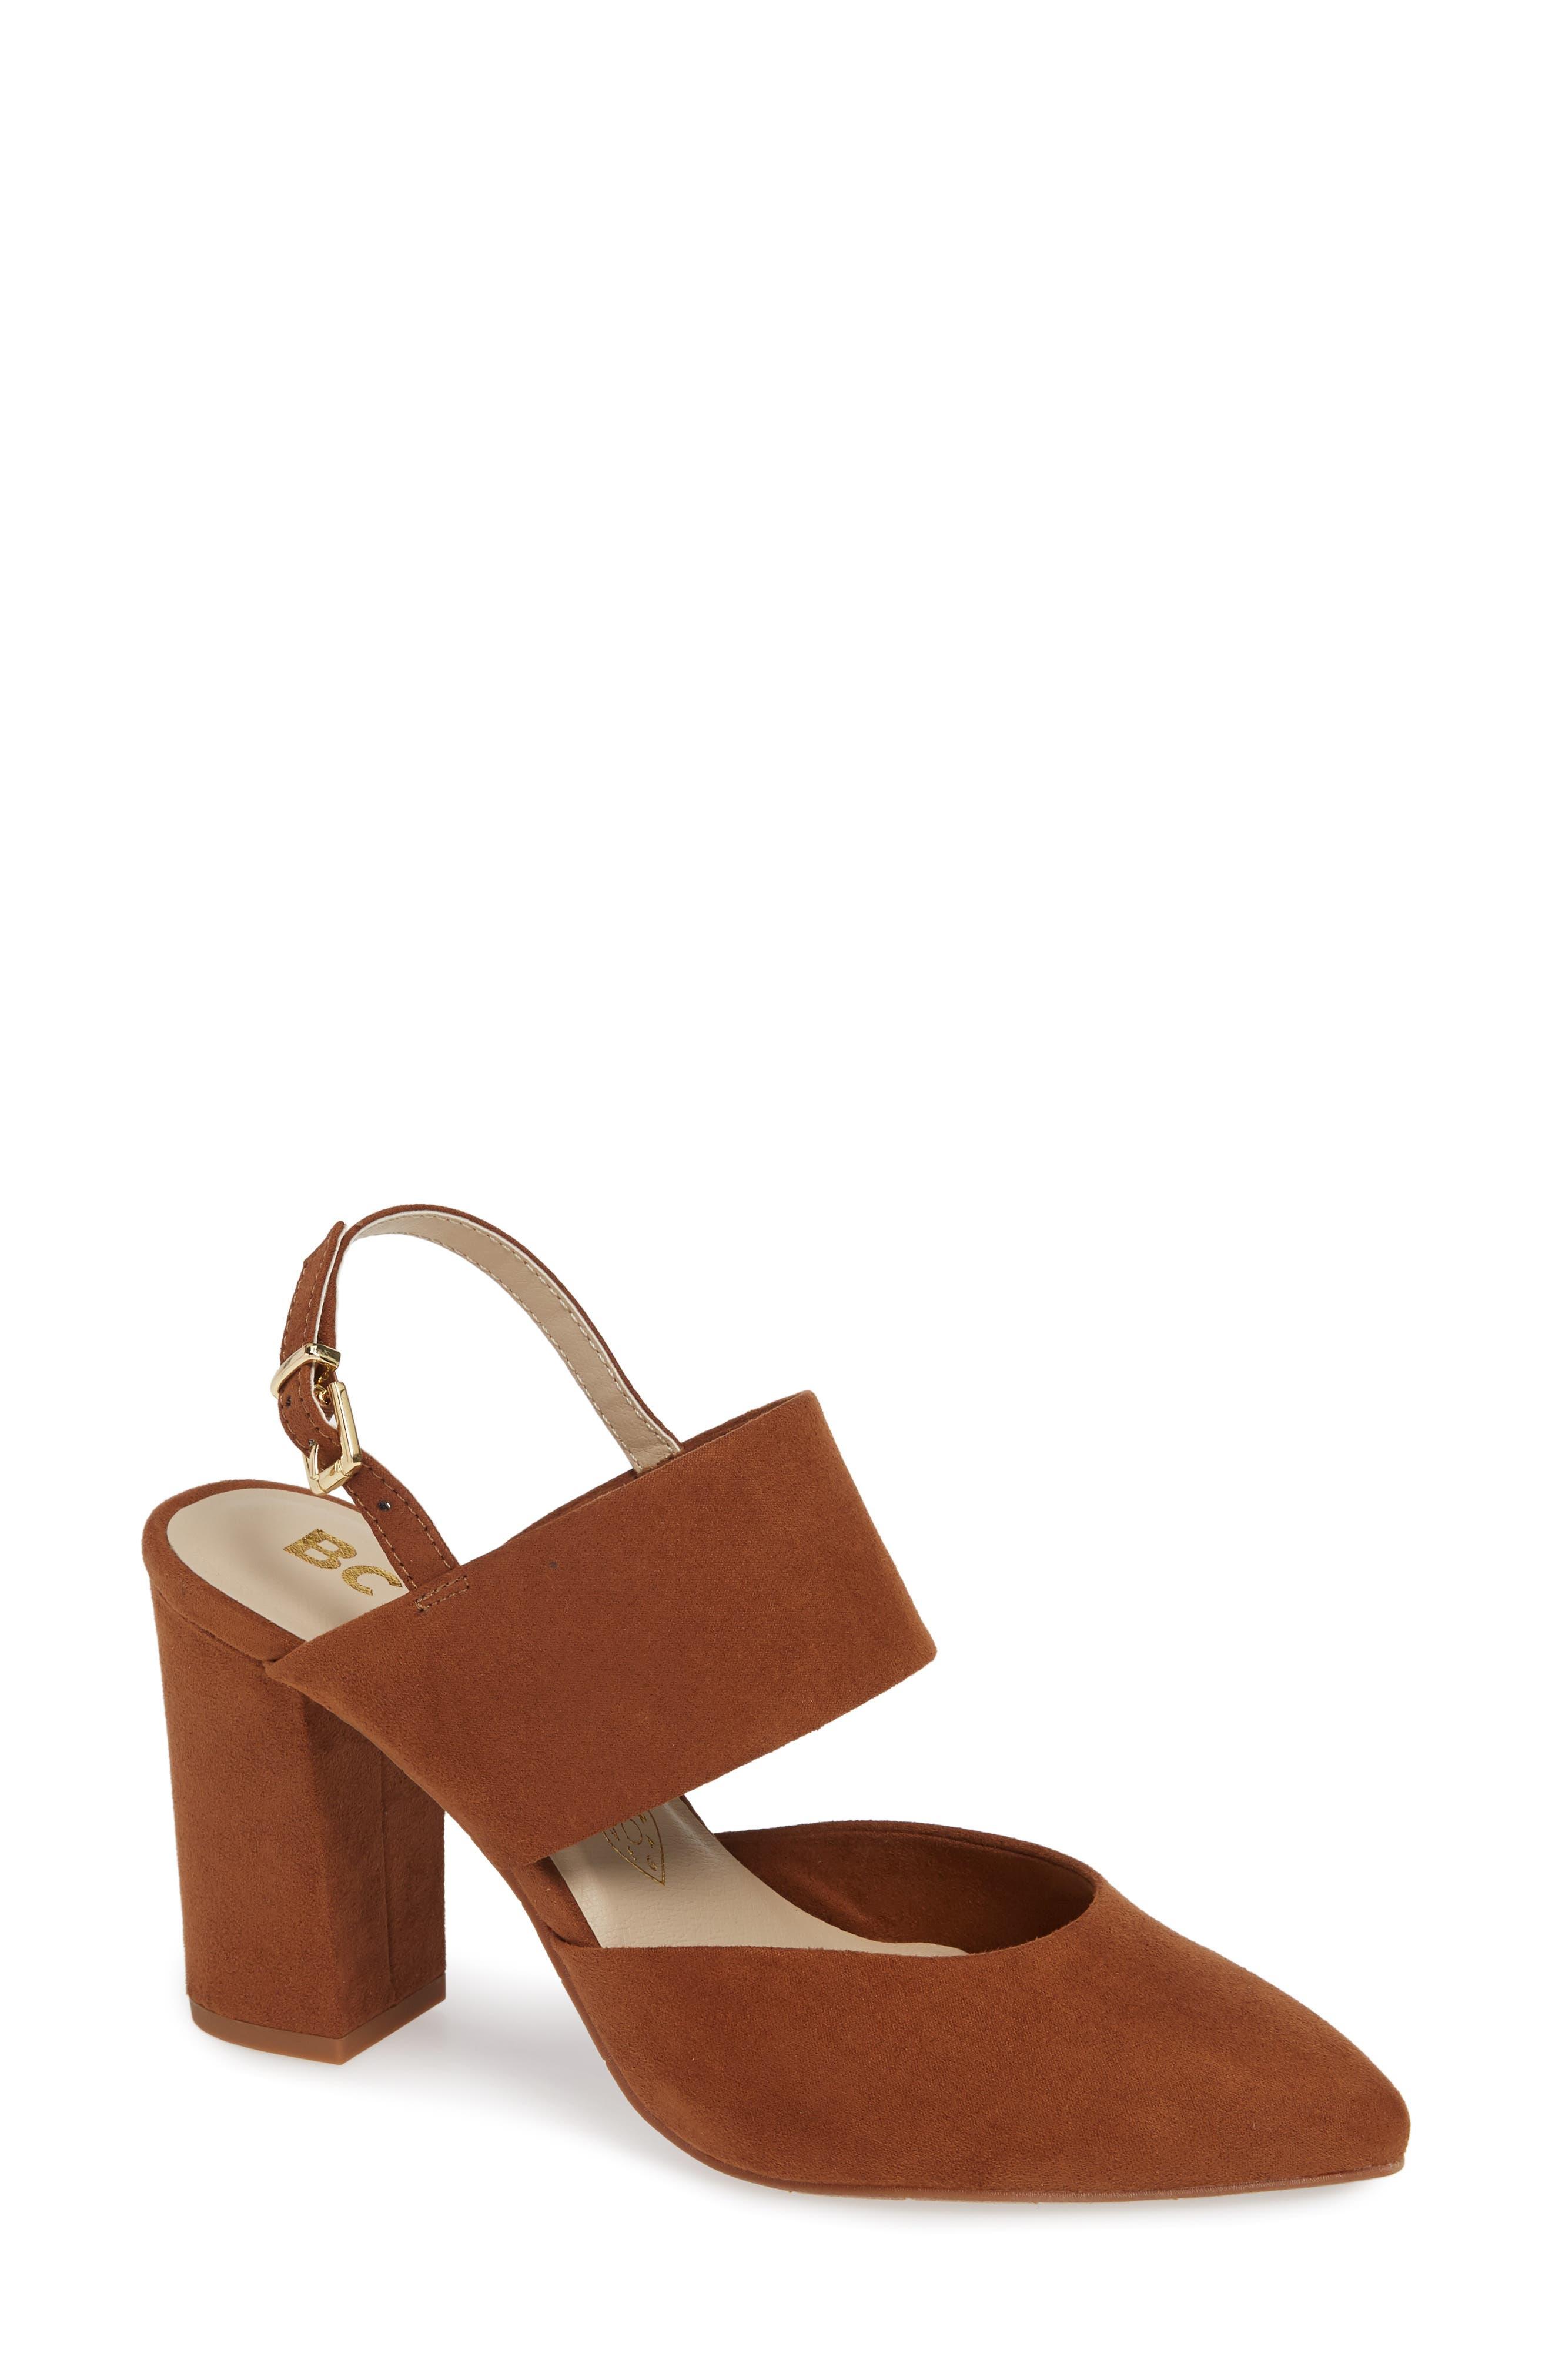 Bc Footwear Value Vegan Slingback Pump, Brown